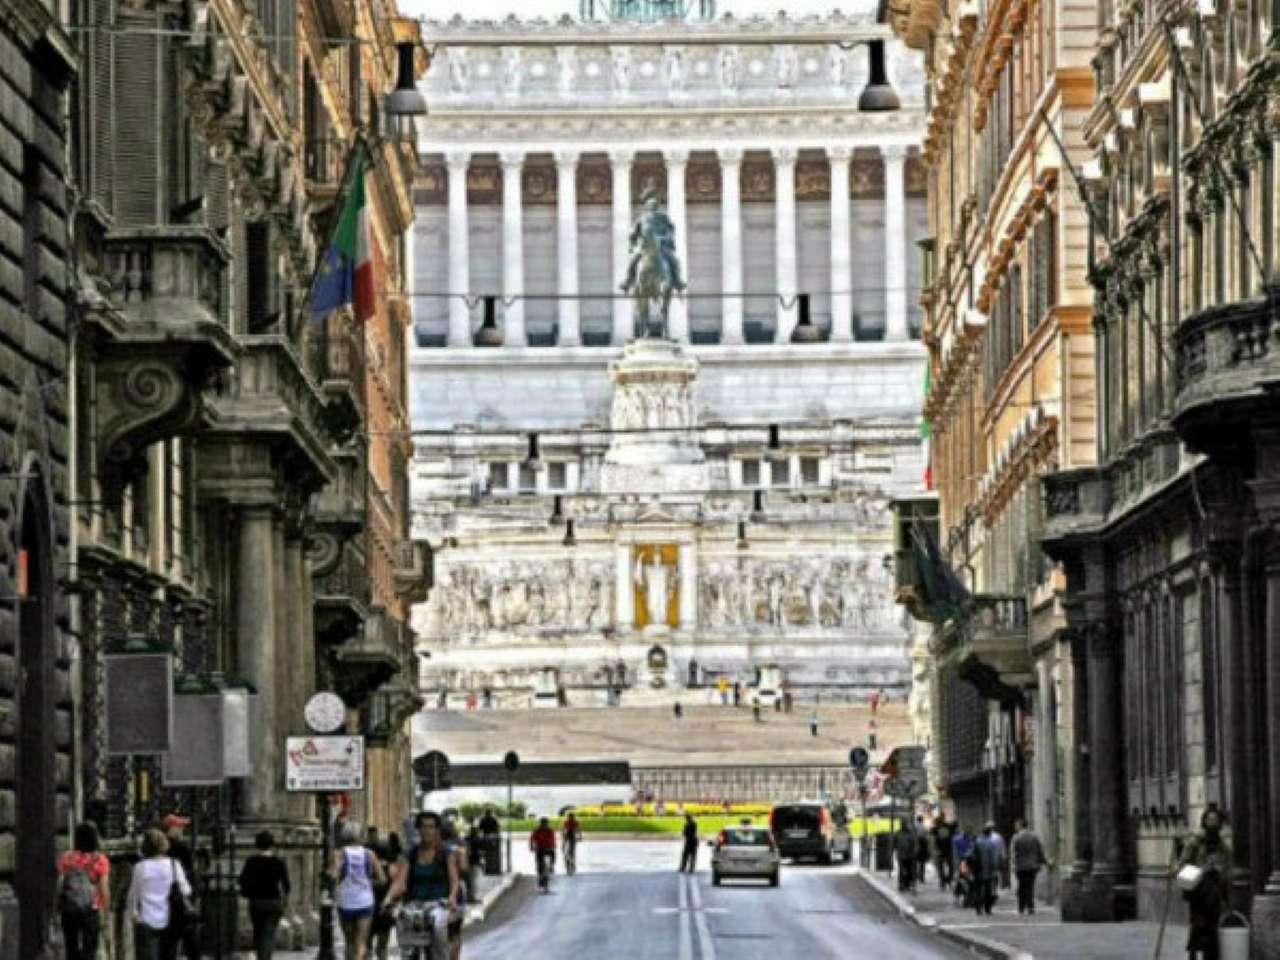 Attico / Mansarda in vendita a Roma, 7 locali, zona Zona: 1 . Centro storico, prezzo € 3.900.000   CambioCasa.it